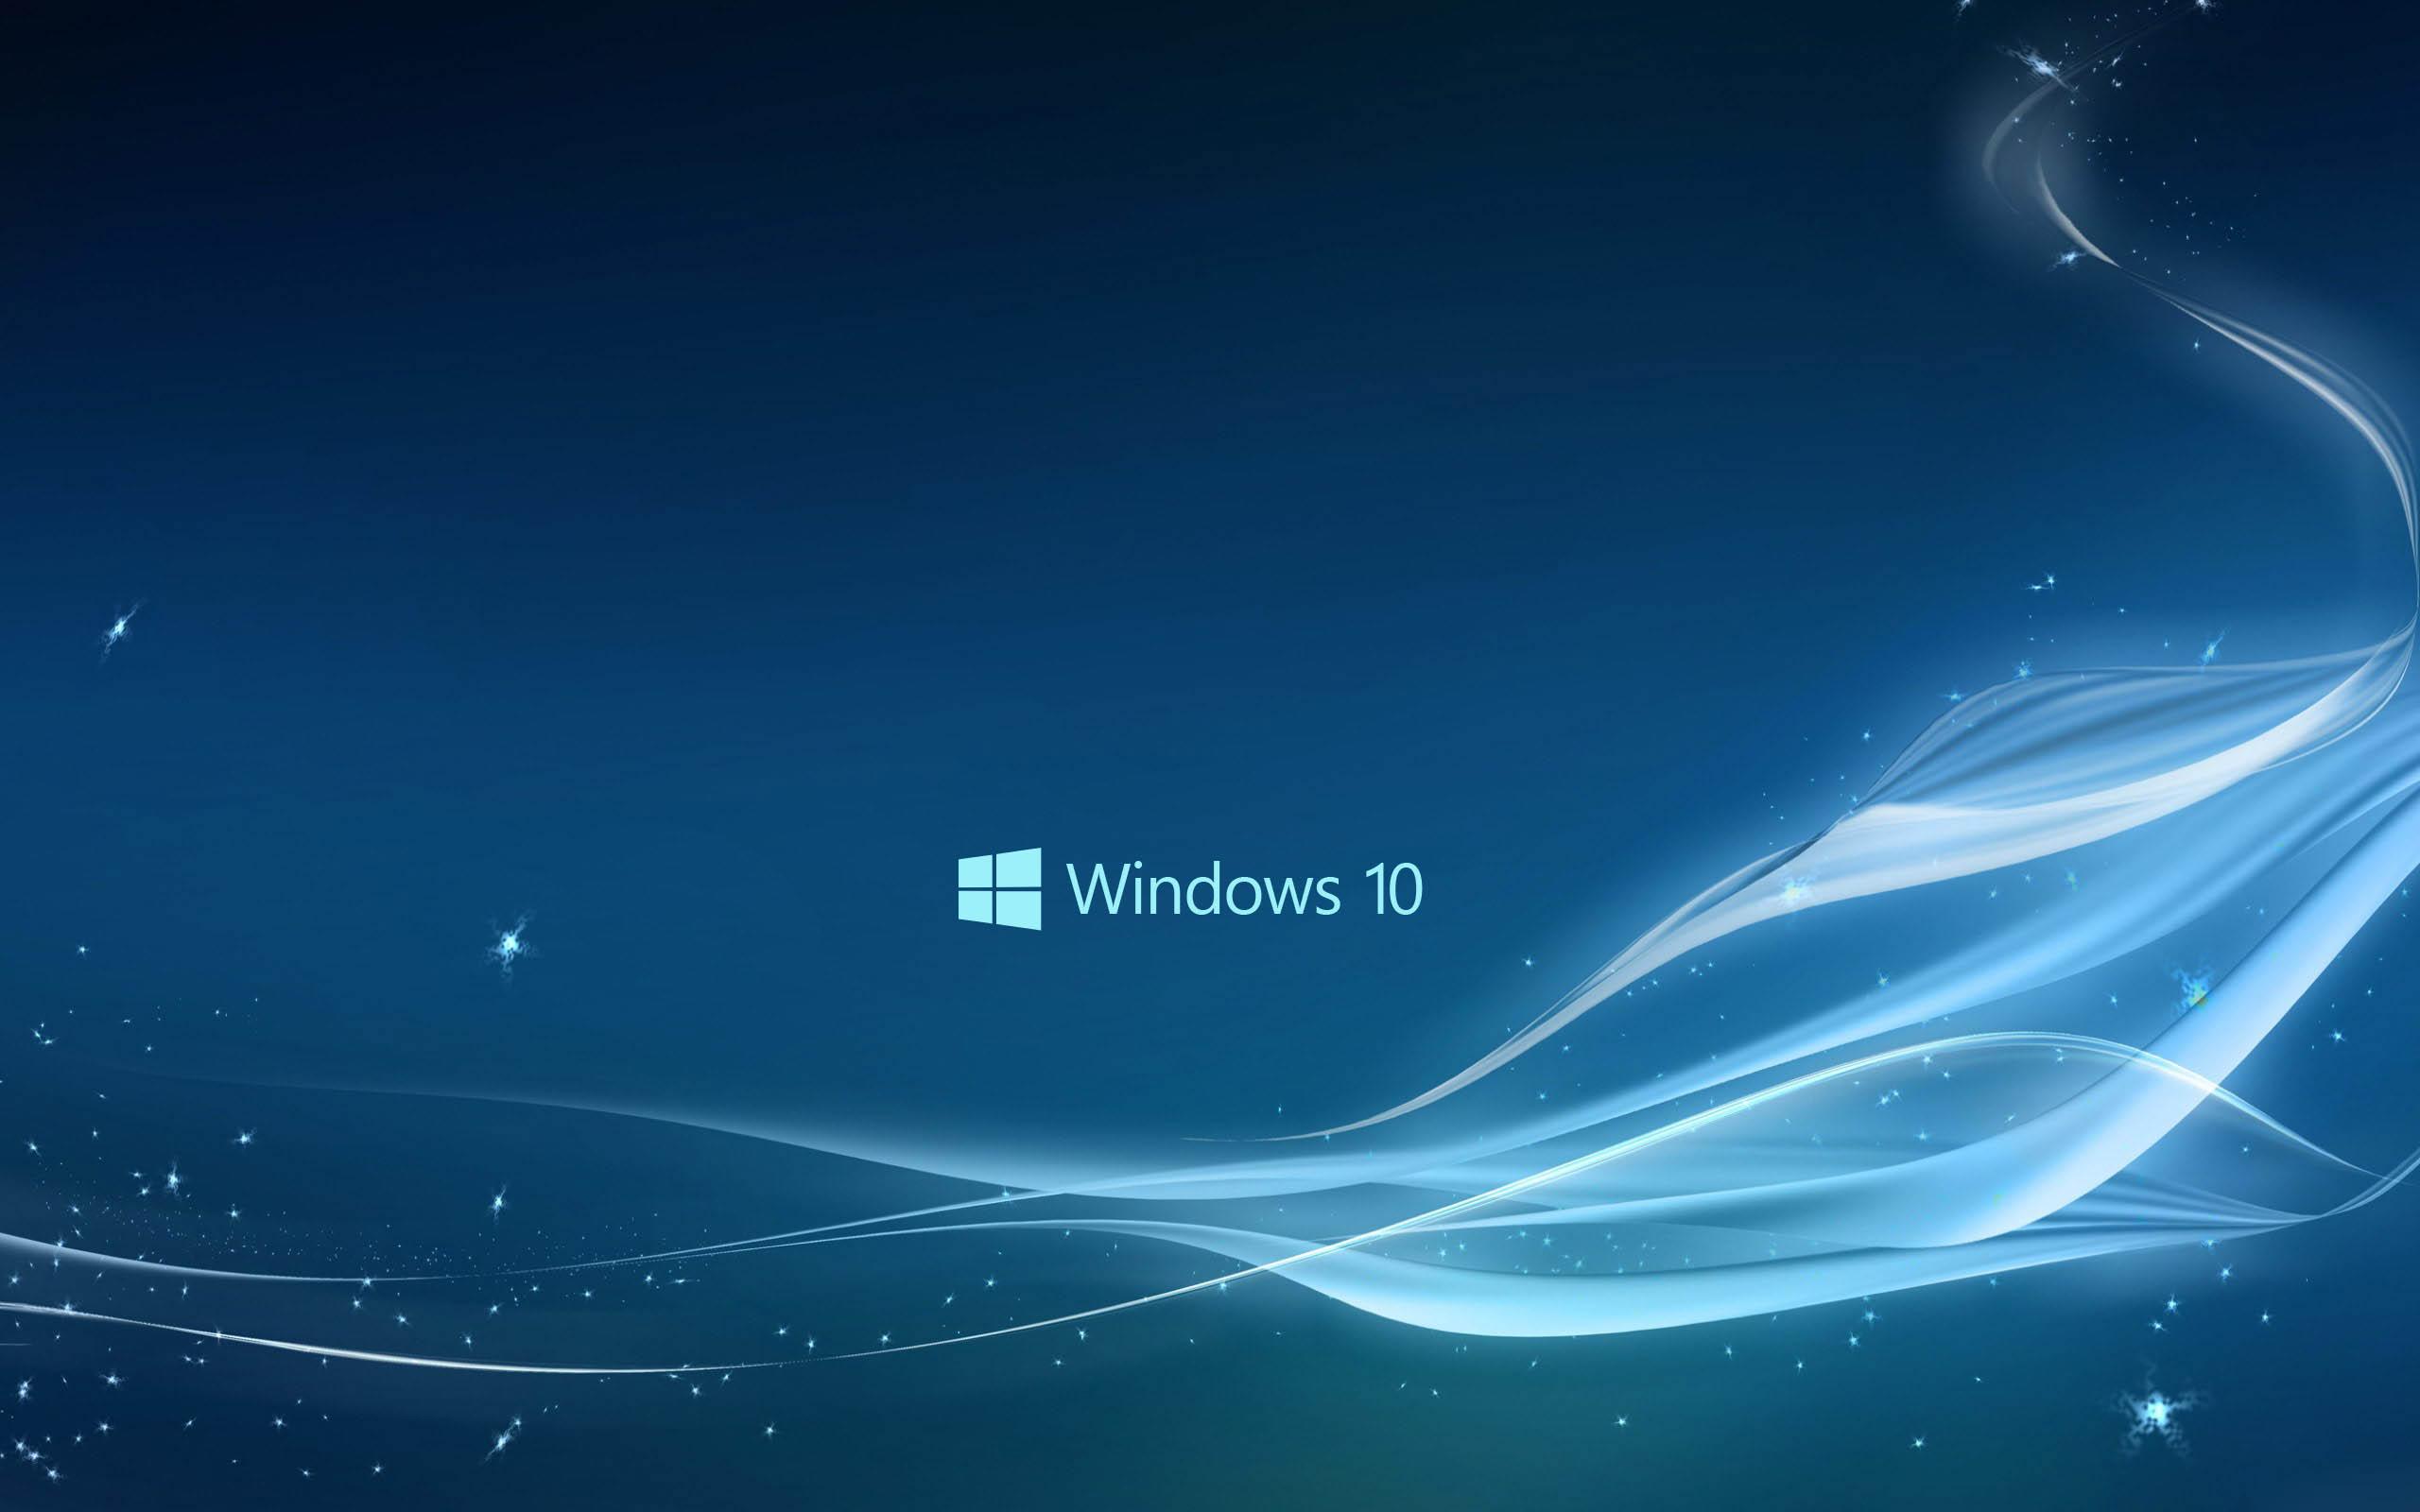 Best Windows 10 Wallpaper PC 15289 Wallpaper WallpaperLepi 2560x1600